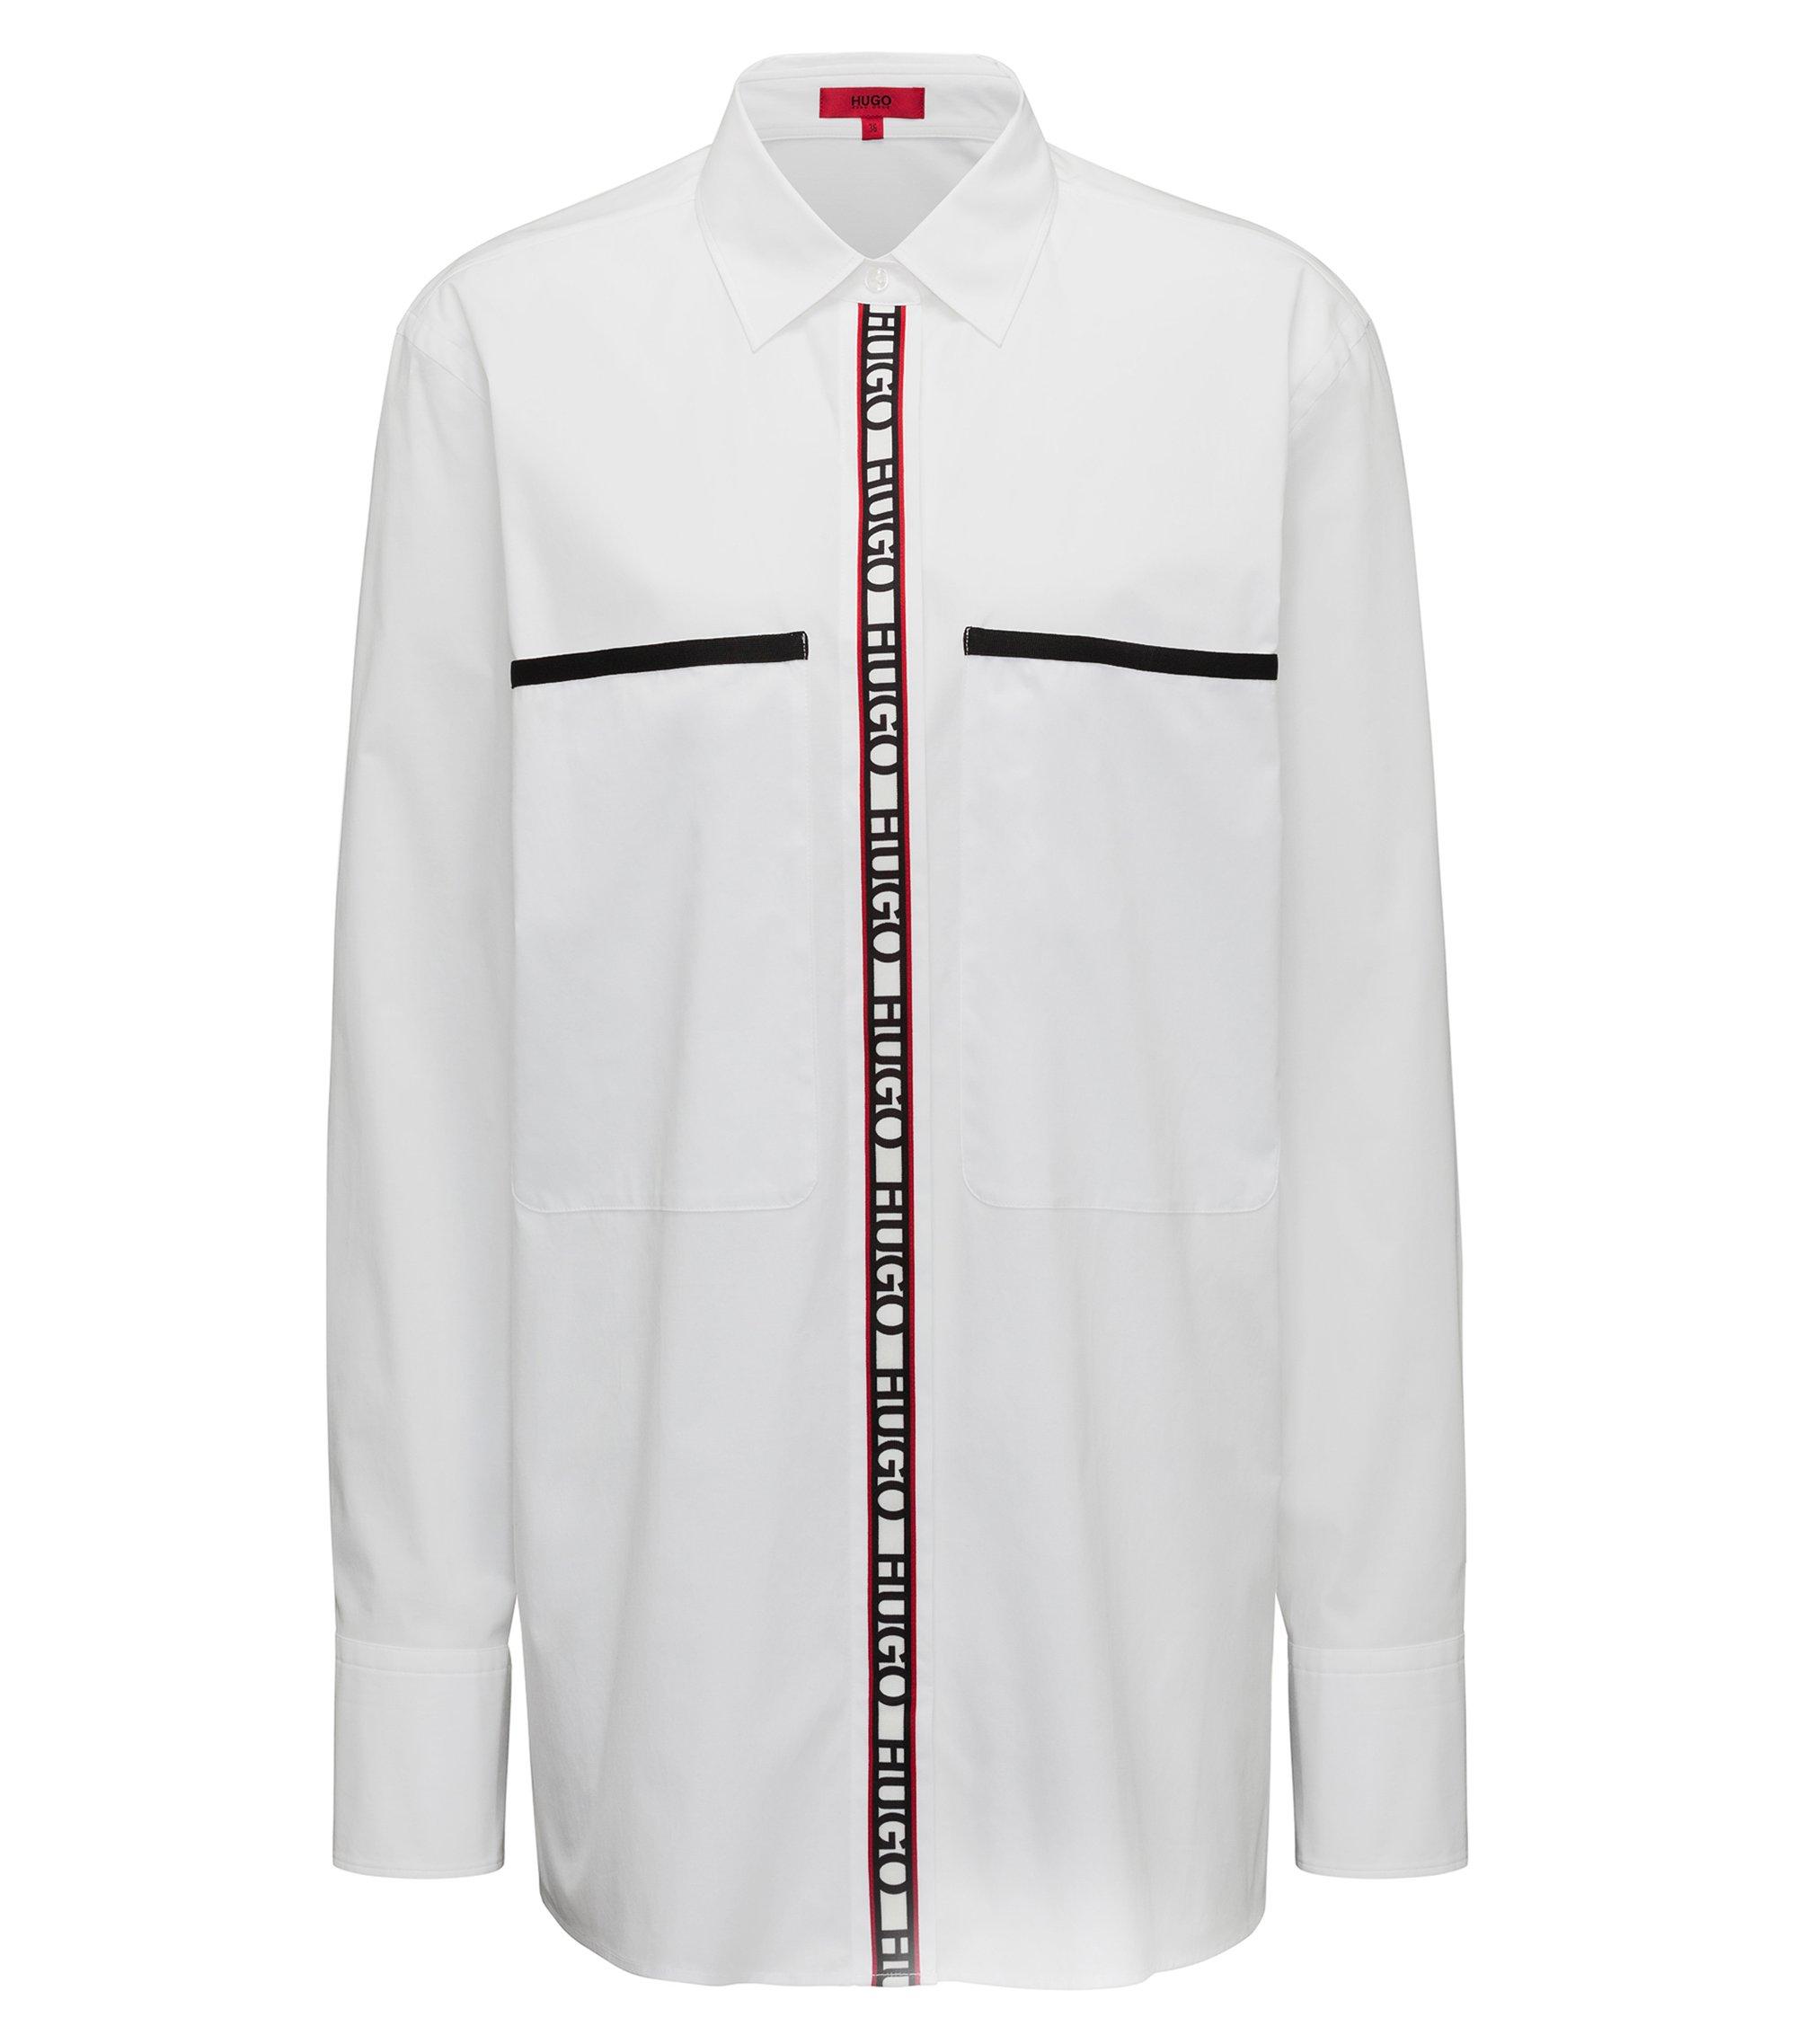 Camicetta oversize in cotone elasticizzato con nastro con logo, Bianco